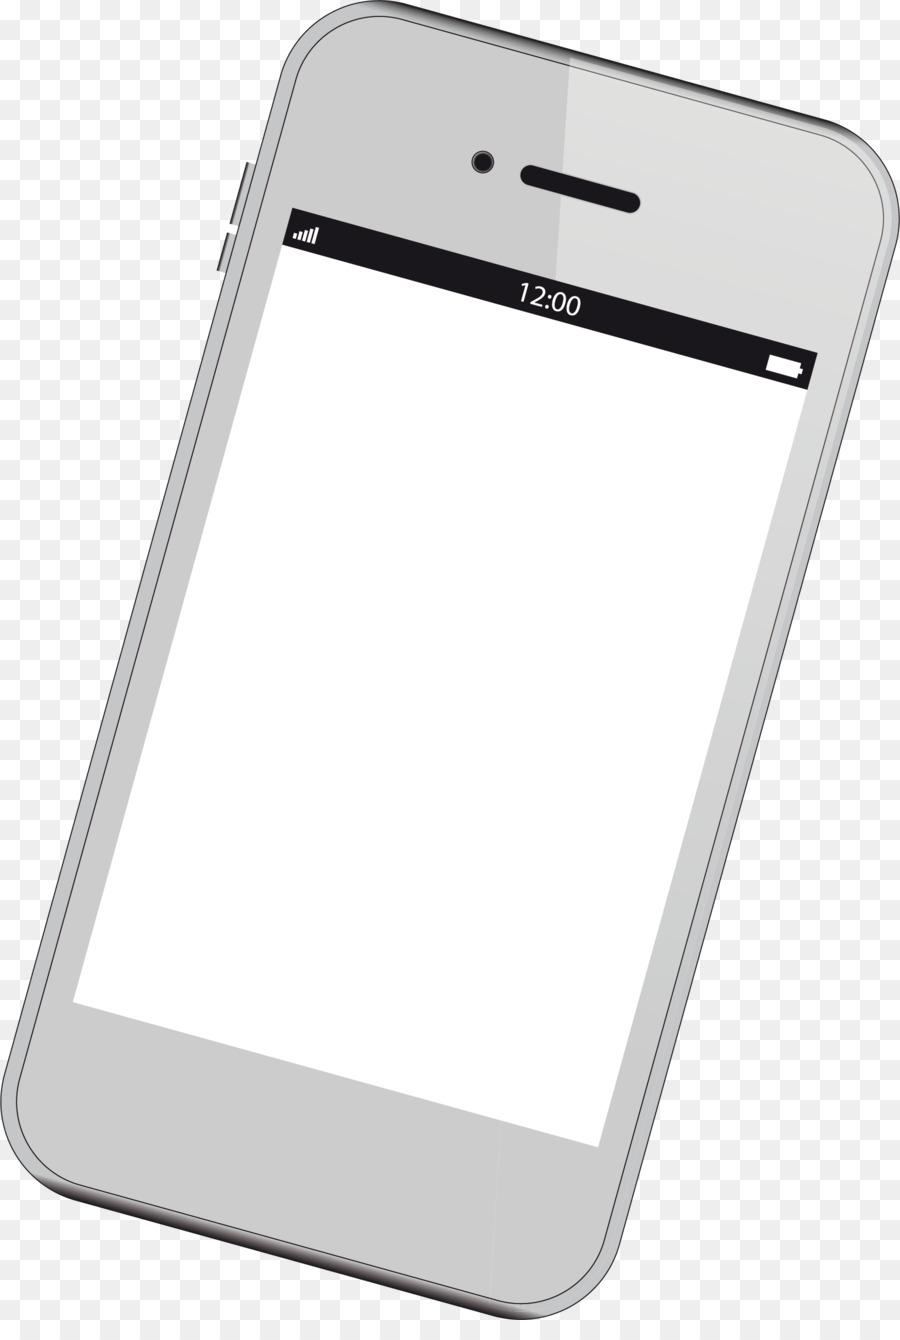 Картинка смартфона с белым экраном